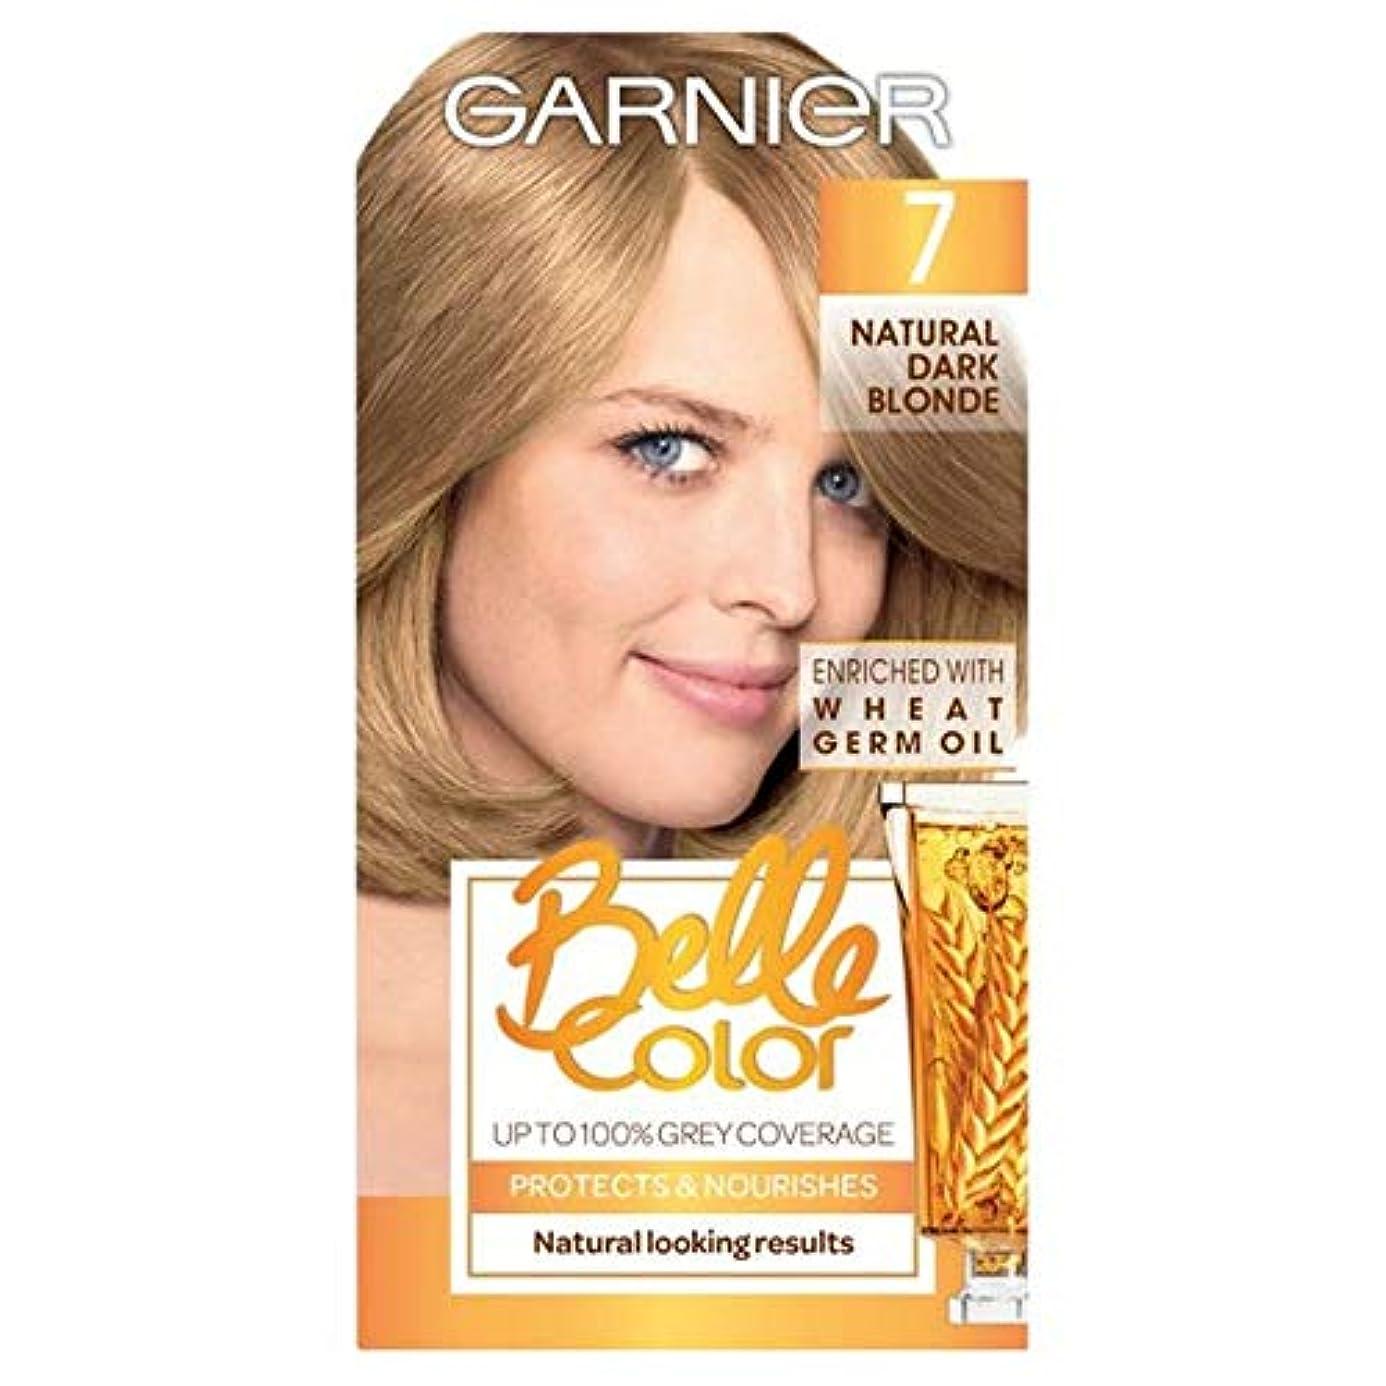 断線予定洞察力のある[Belle Color ] ガーン/ベル/Clr 7ナチュラルダークブロンドパーマネントヘアダイ - Garn/Bel/Clr 7 Natural Dark Blonde Permanent Hair Dye [並行輸入品]